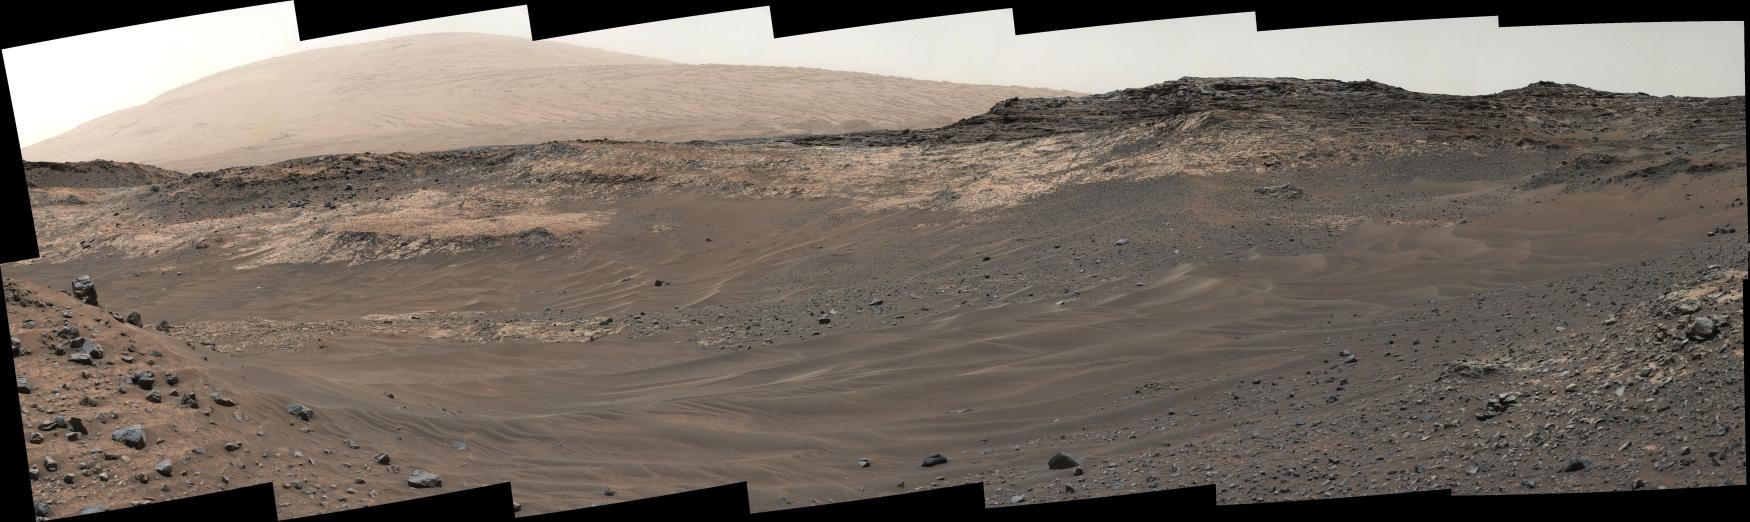 панорама марсу Curiosity